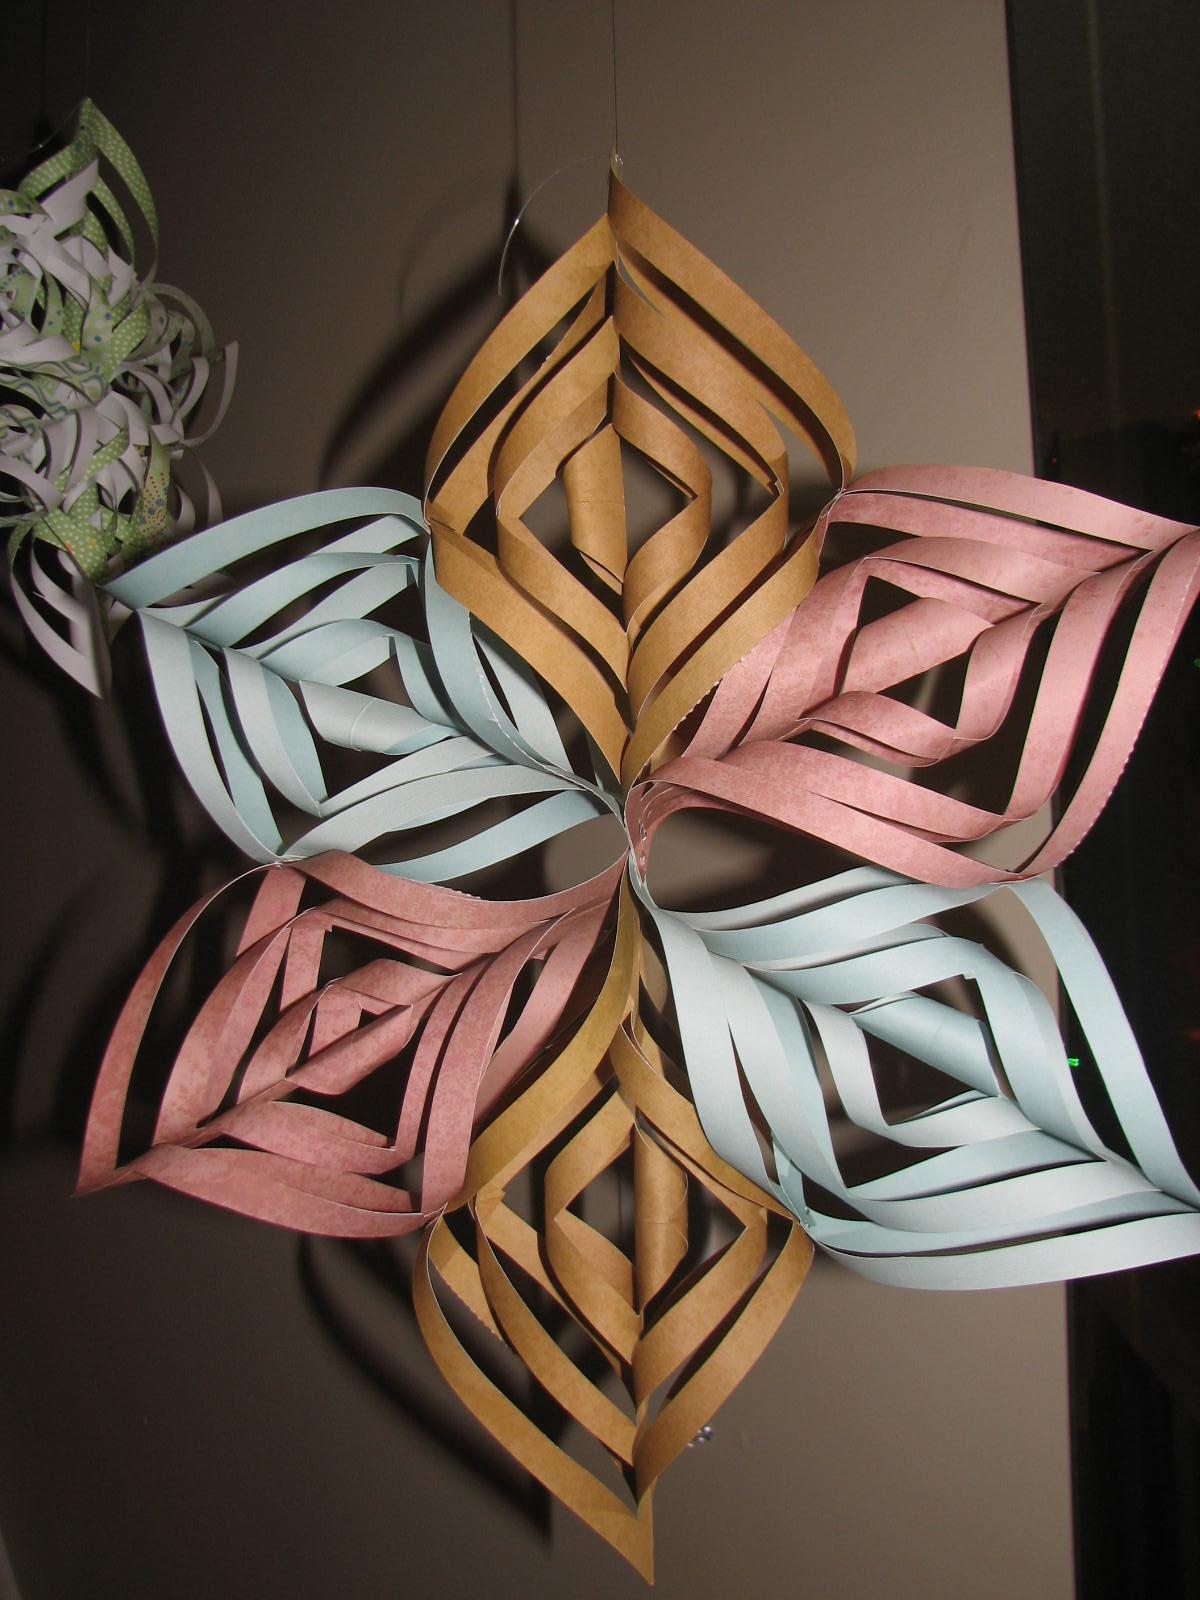 les projets cr atifs de fleur de paix toile de papier. Black Bedroom Furniture Sets. Home Design Ideas